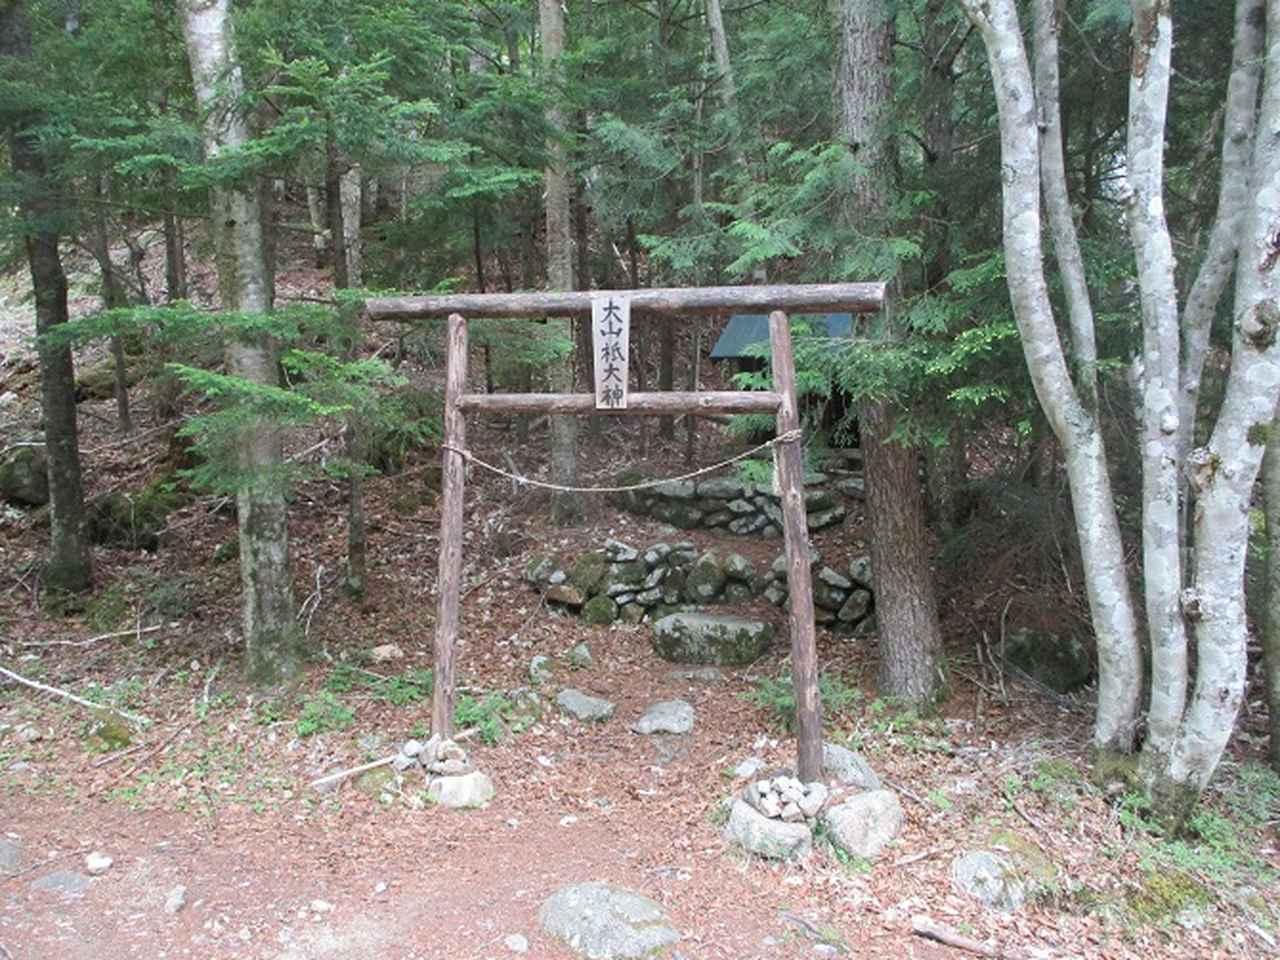 画像2: 6月の山旅会 「甲武信ヶ岳」 ツアーの下見に行ってきました!